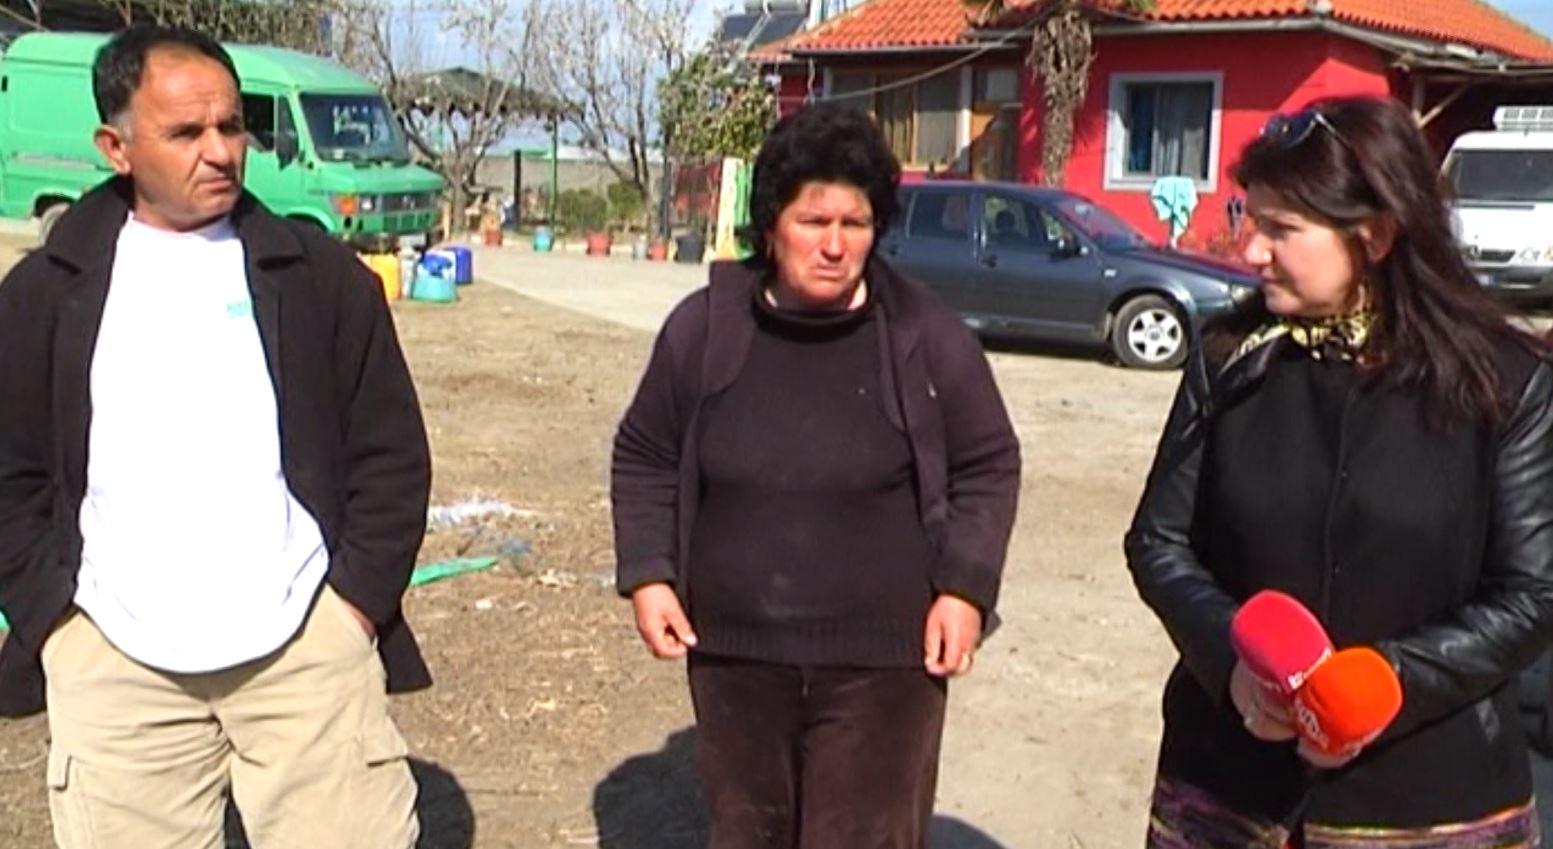 Blegtorët në Divjakë drejt mbylljes së fermave dhe shitjes së bagëtive